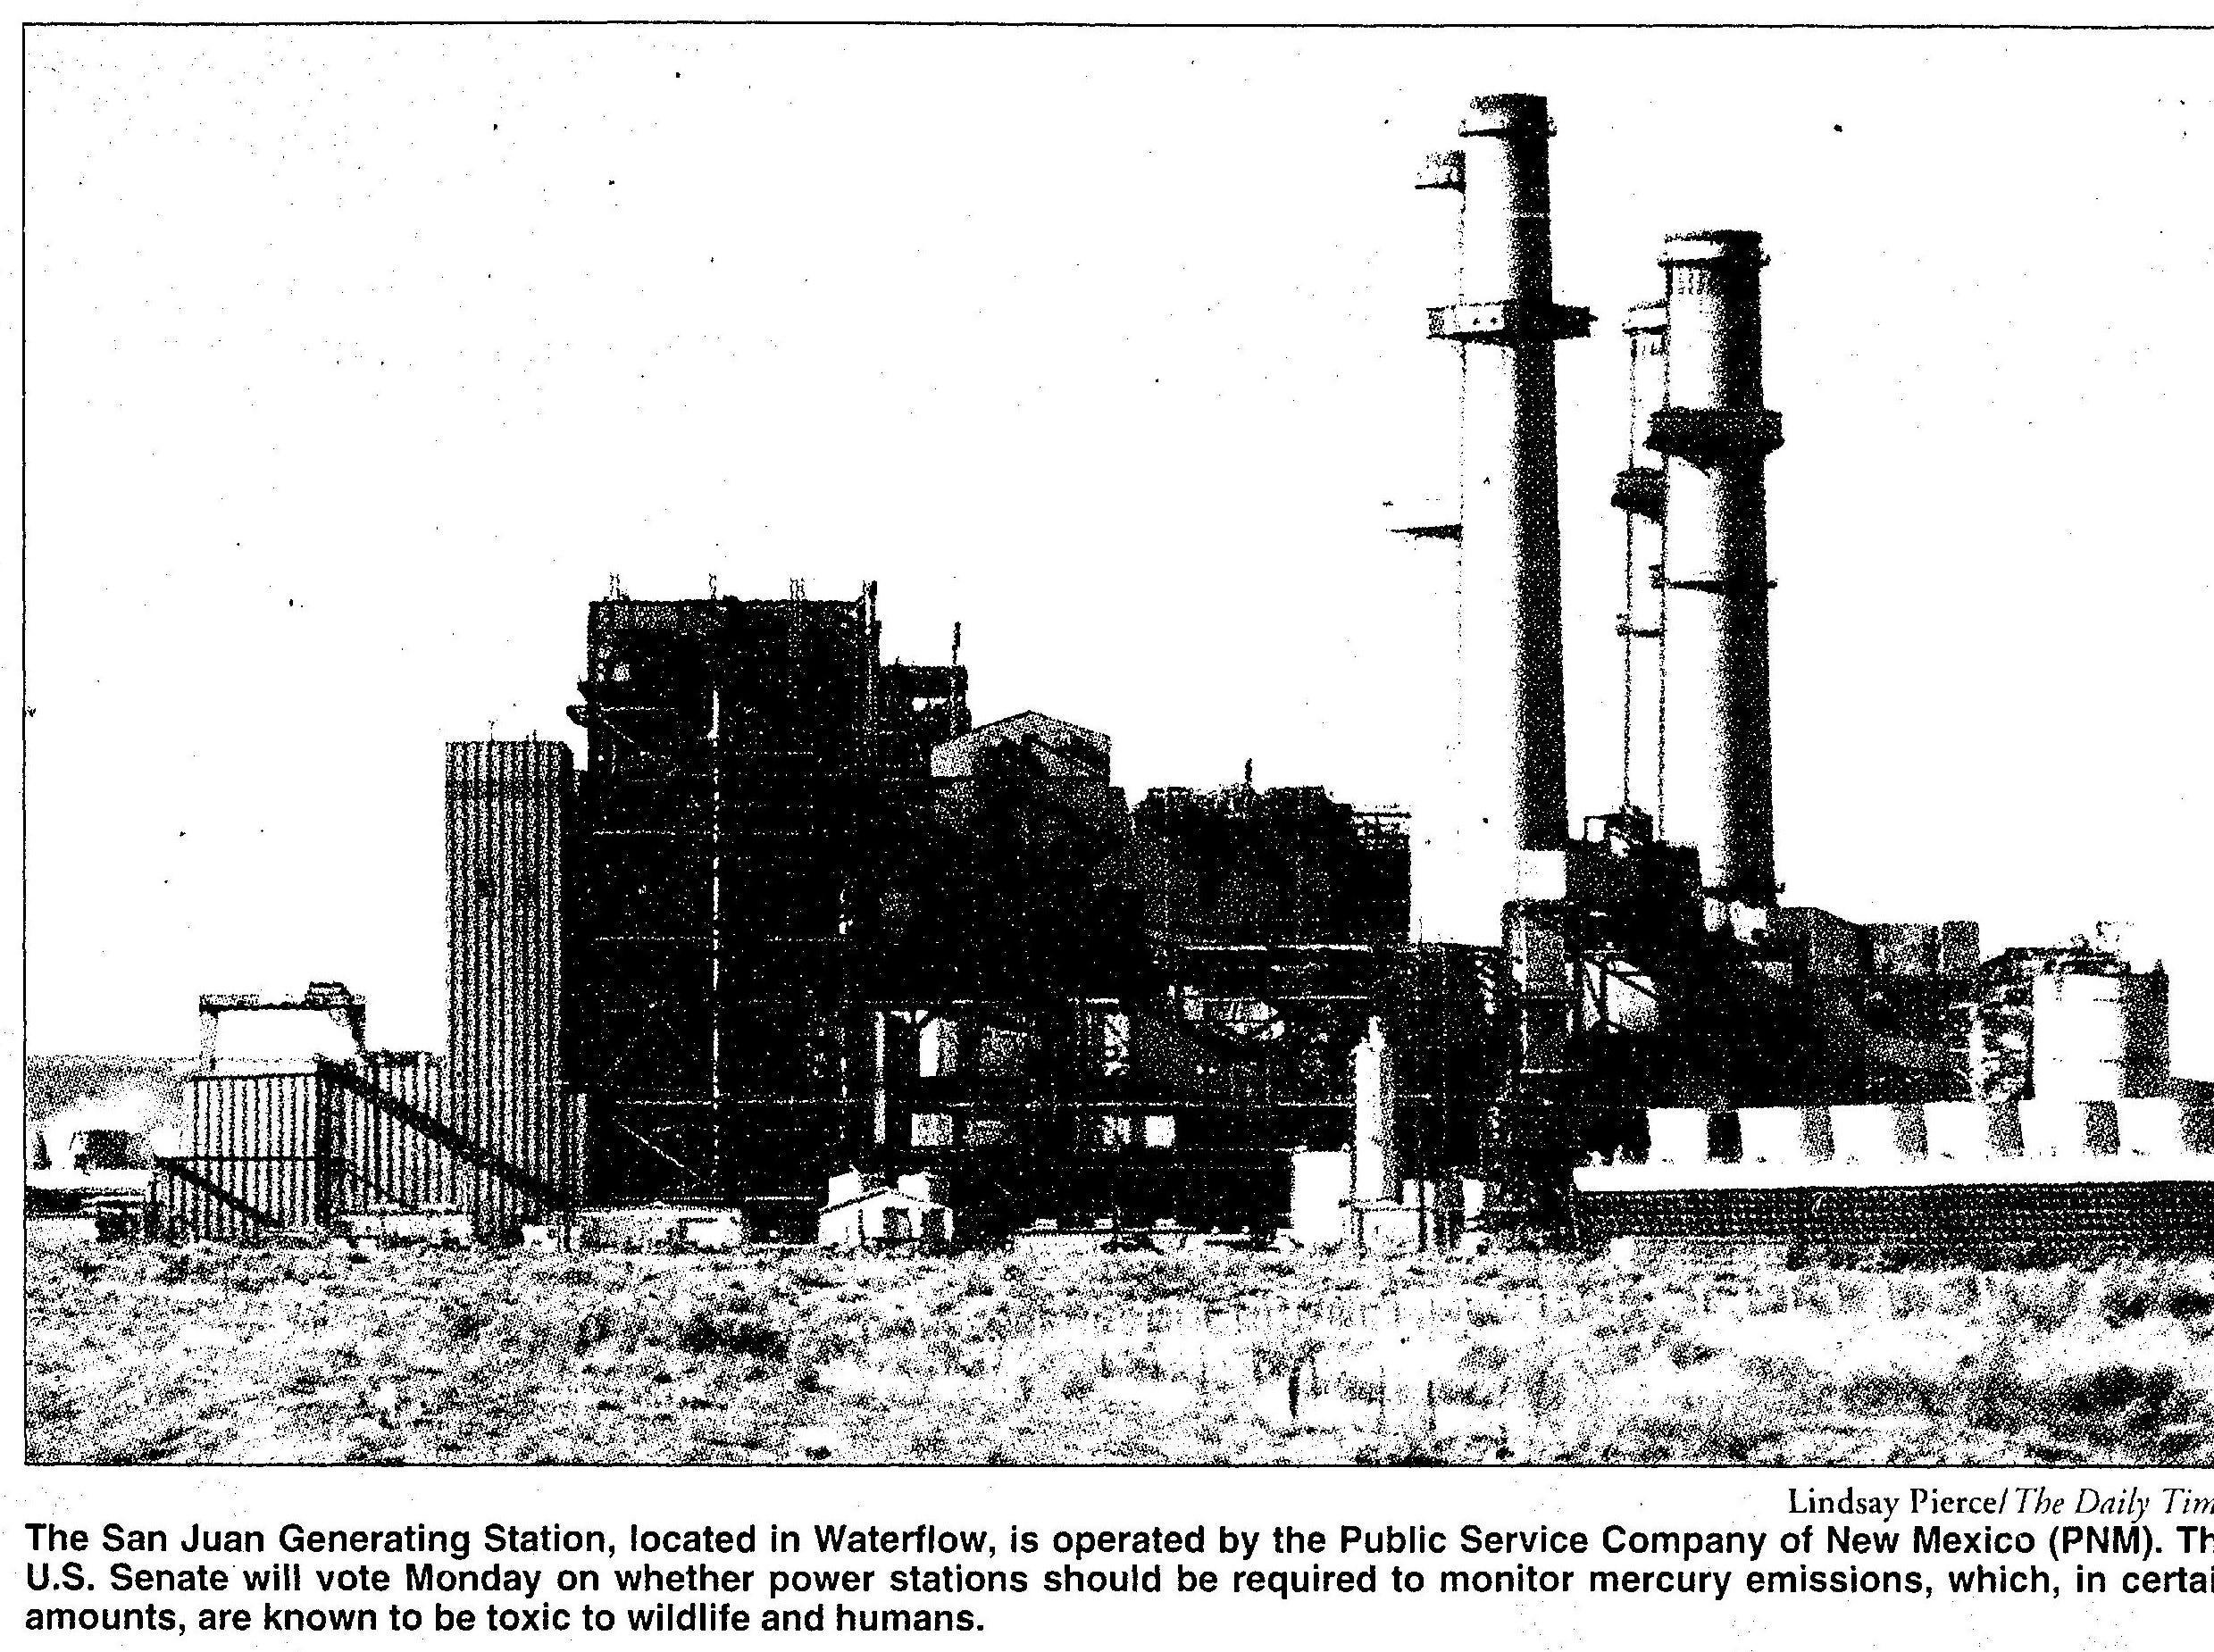 The San Juan Generating Station is pictured in 2005 in Waterflow as the U.S. Senate debated mercury emissions.